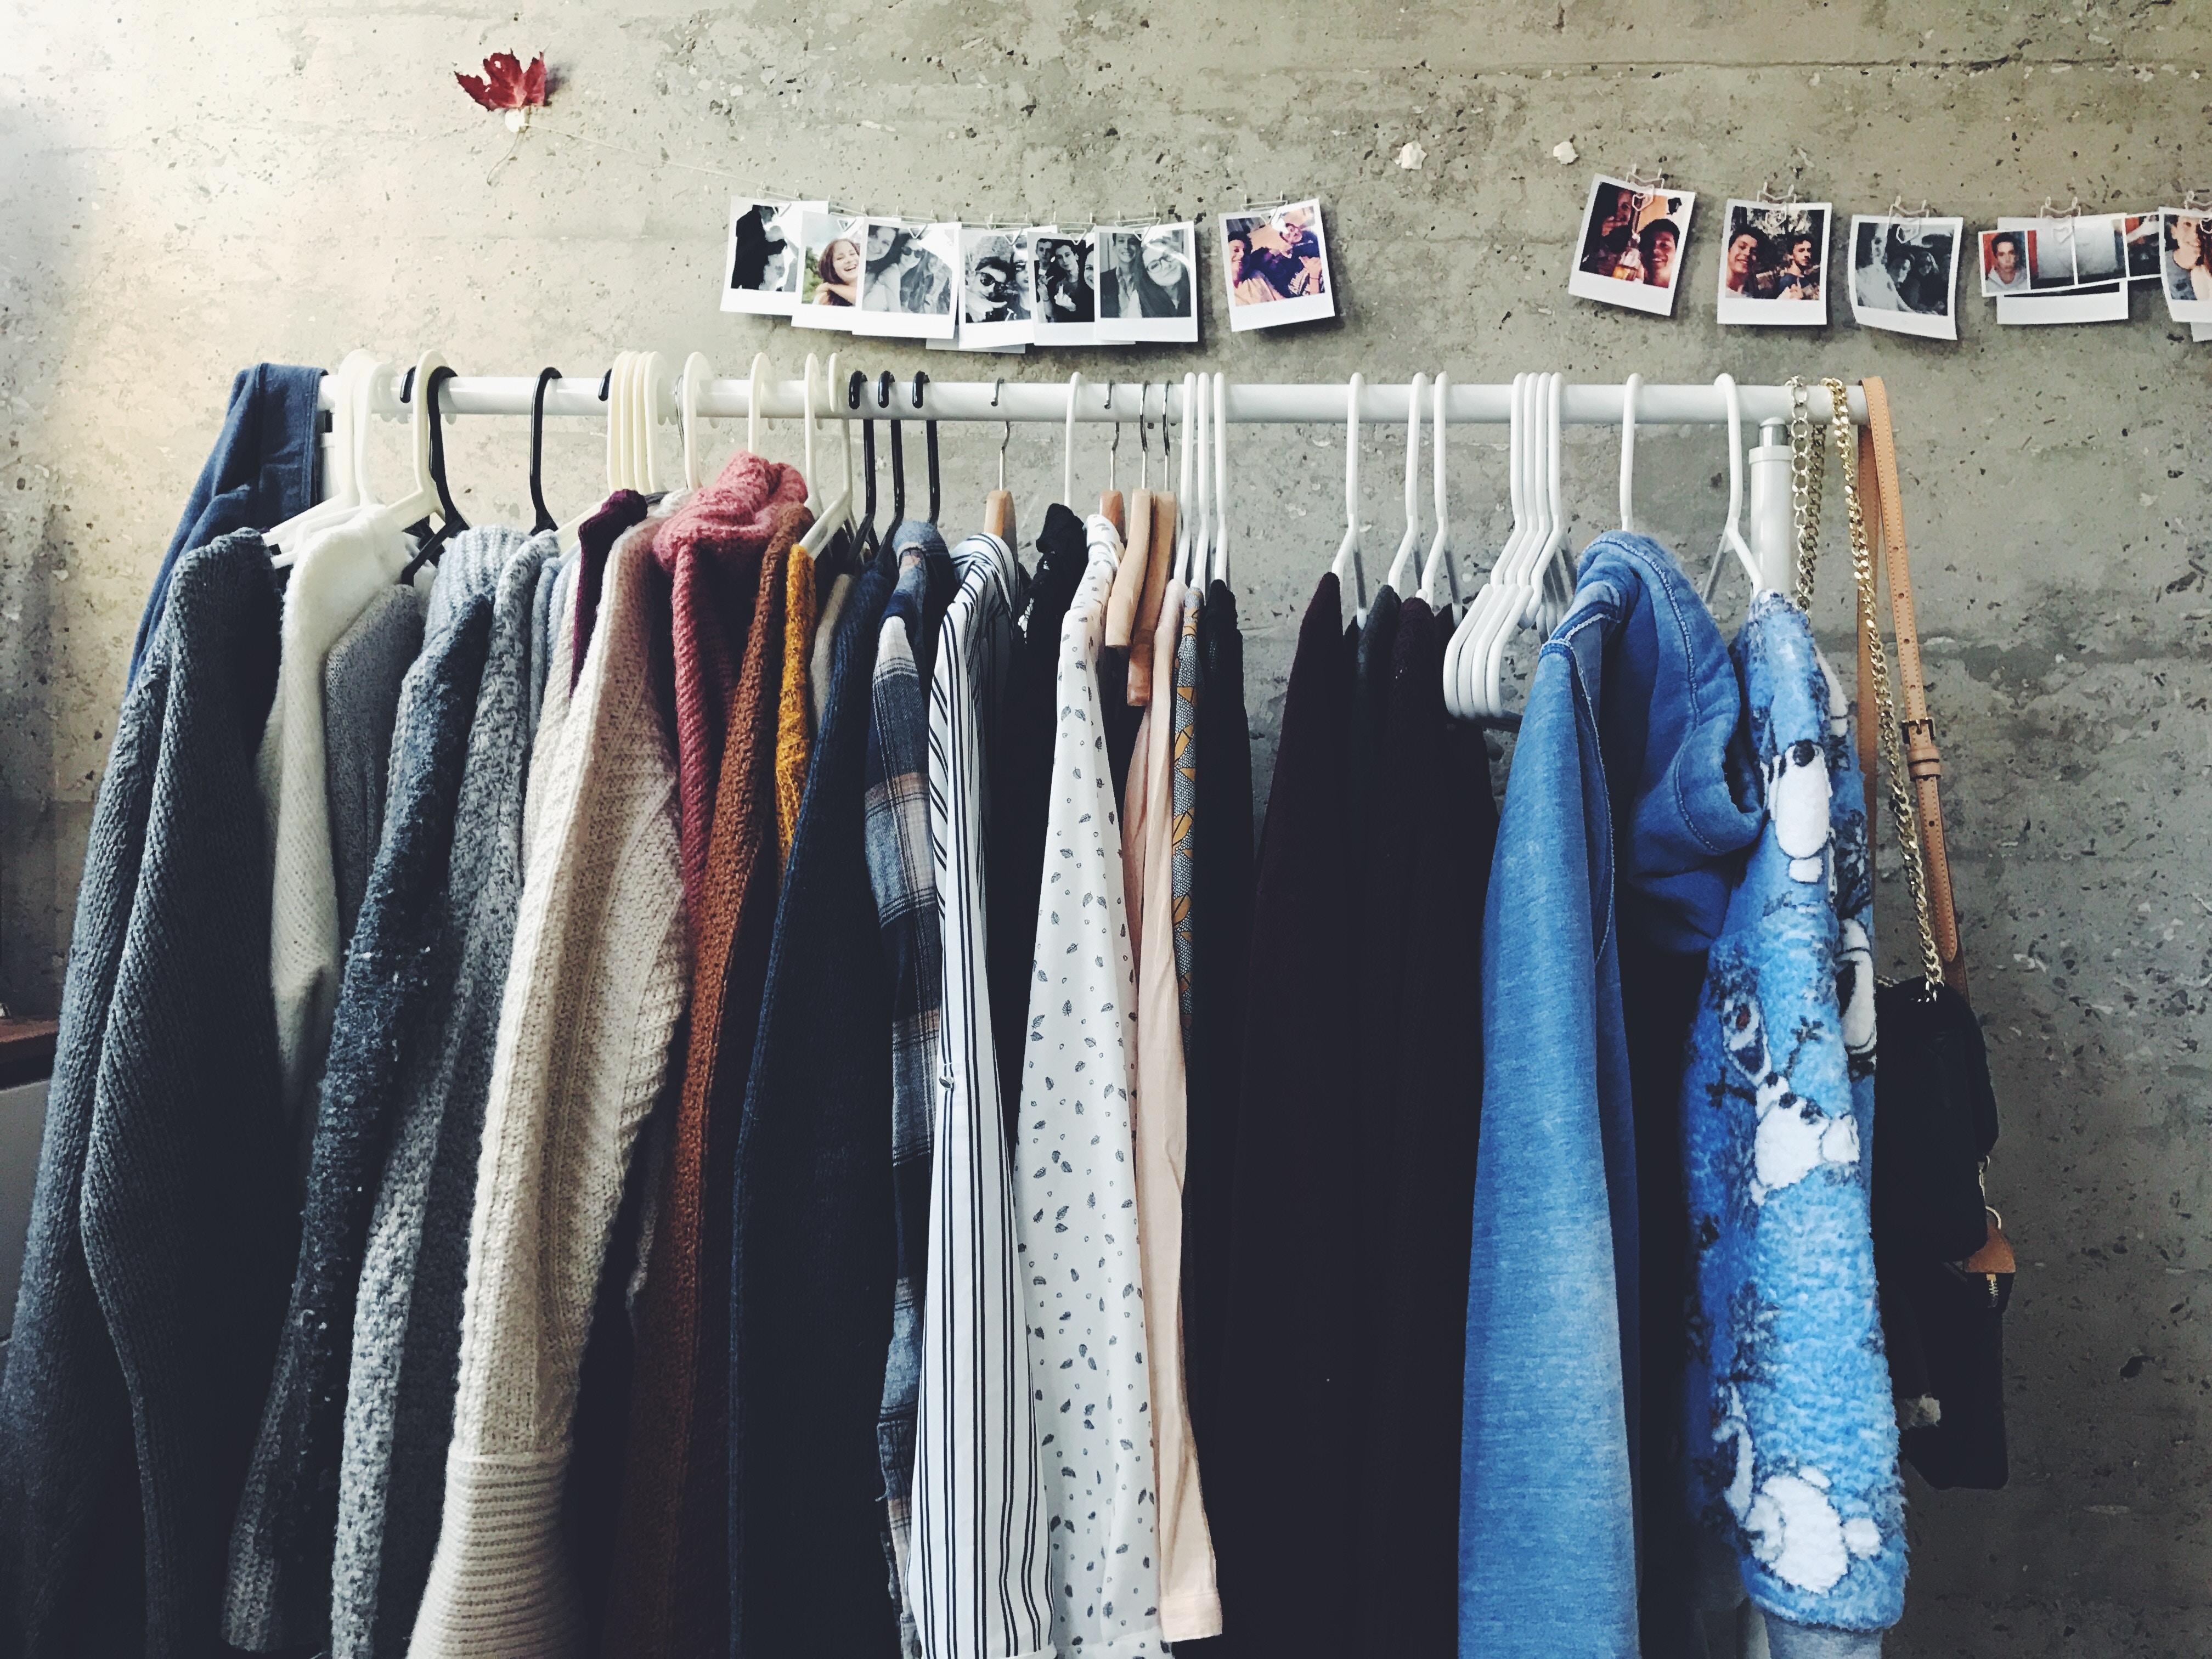 فهرست برندهای پوشاک ایرانی